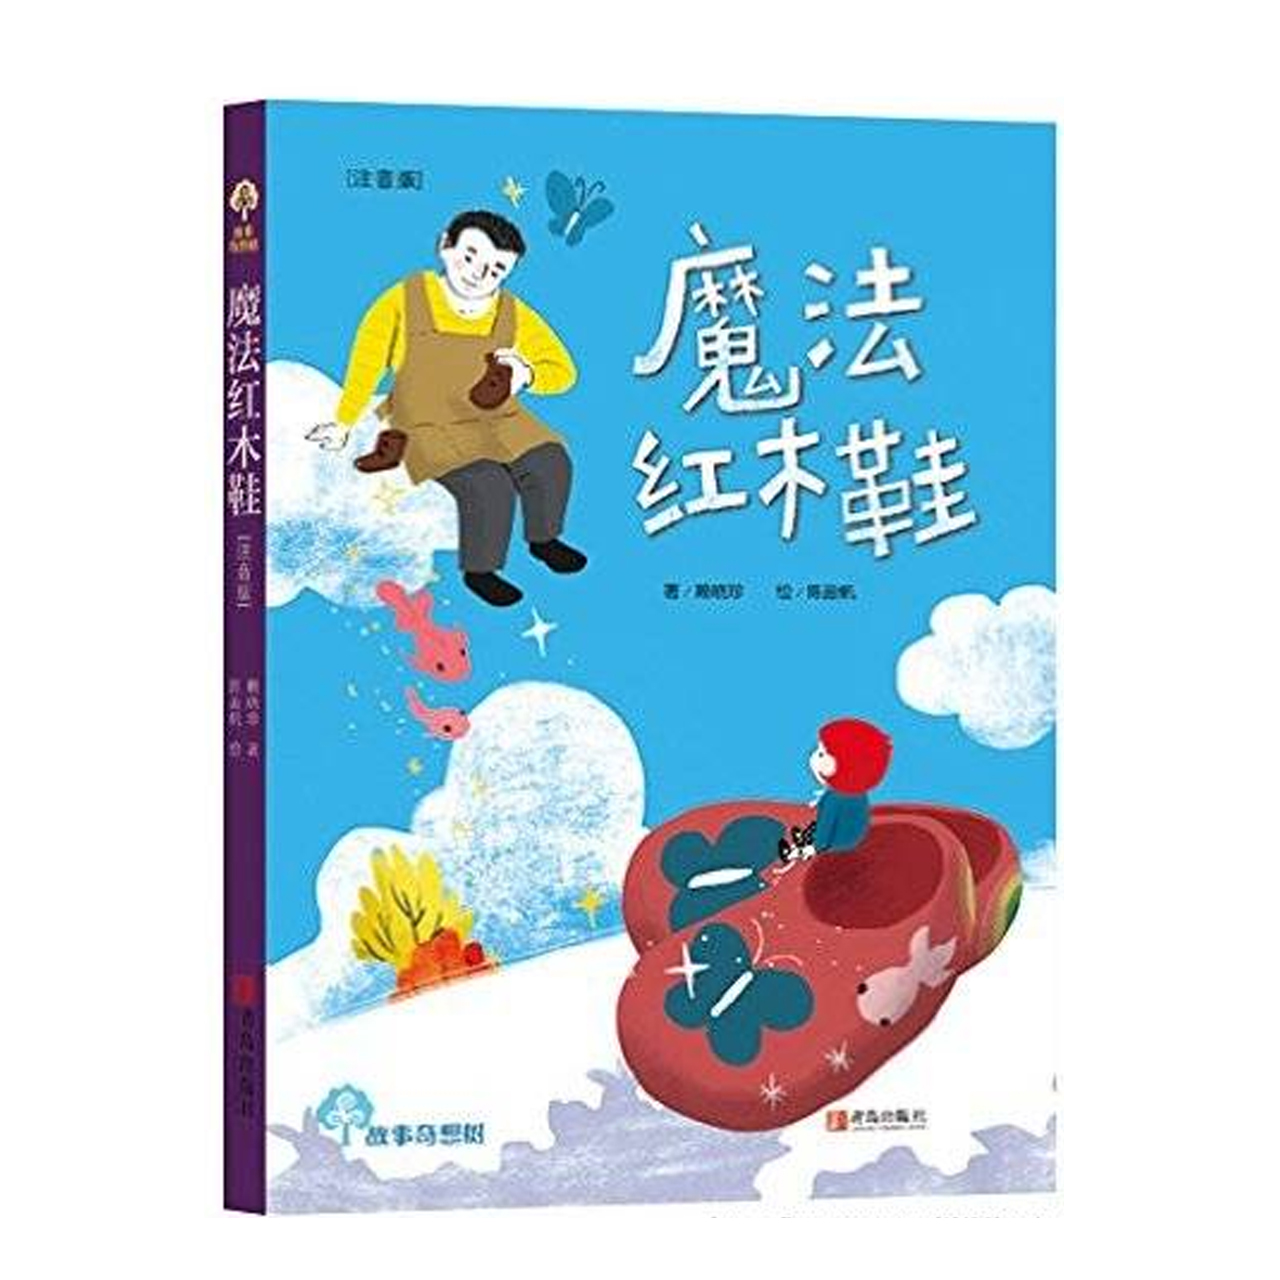 魔法红木鞋 【儿童小说/青少年读物/简体小说】